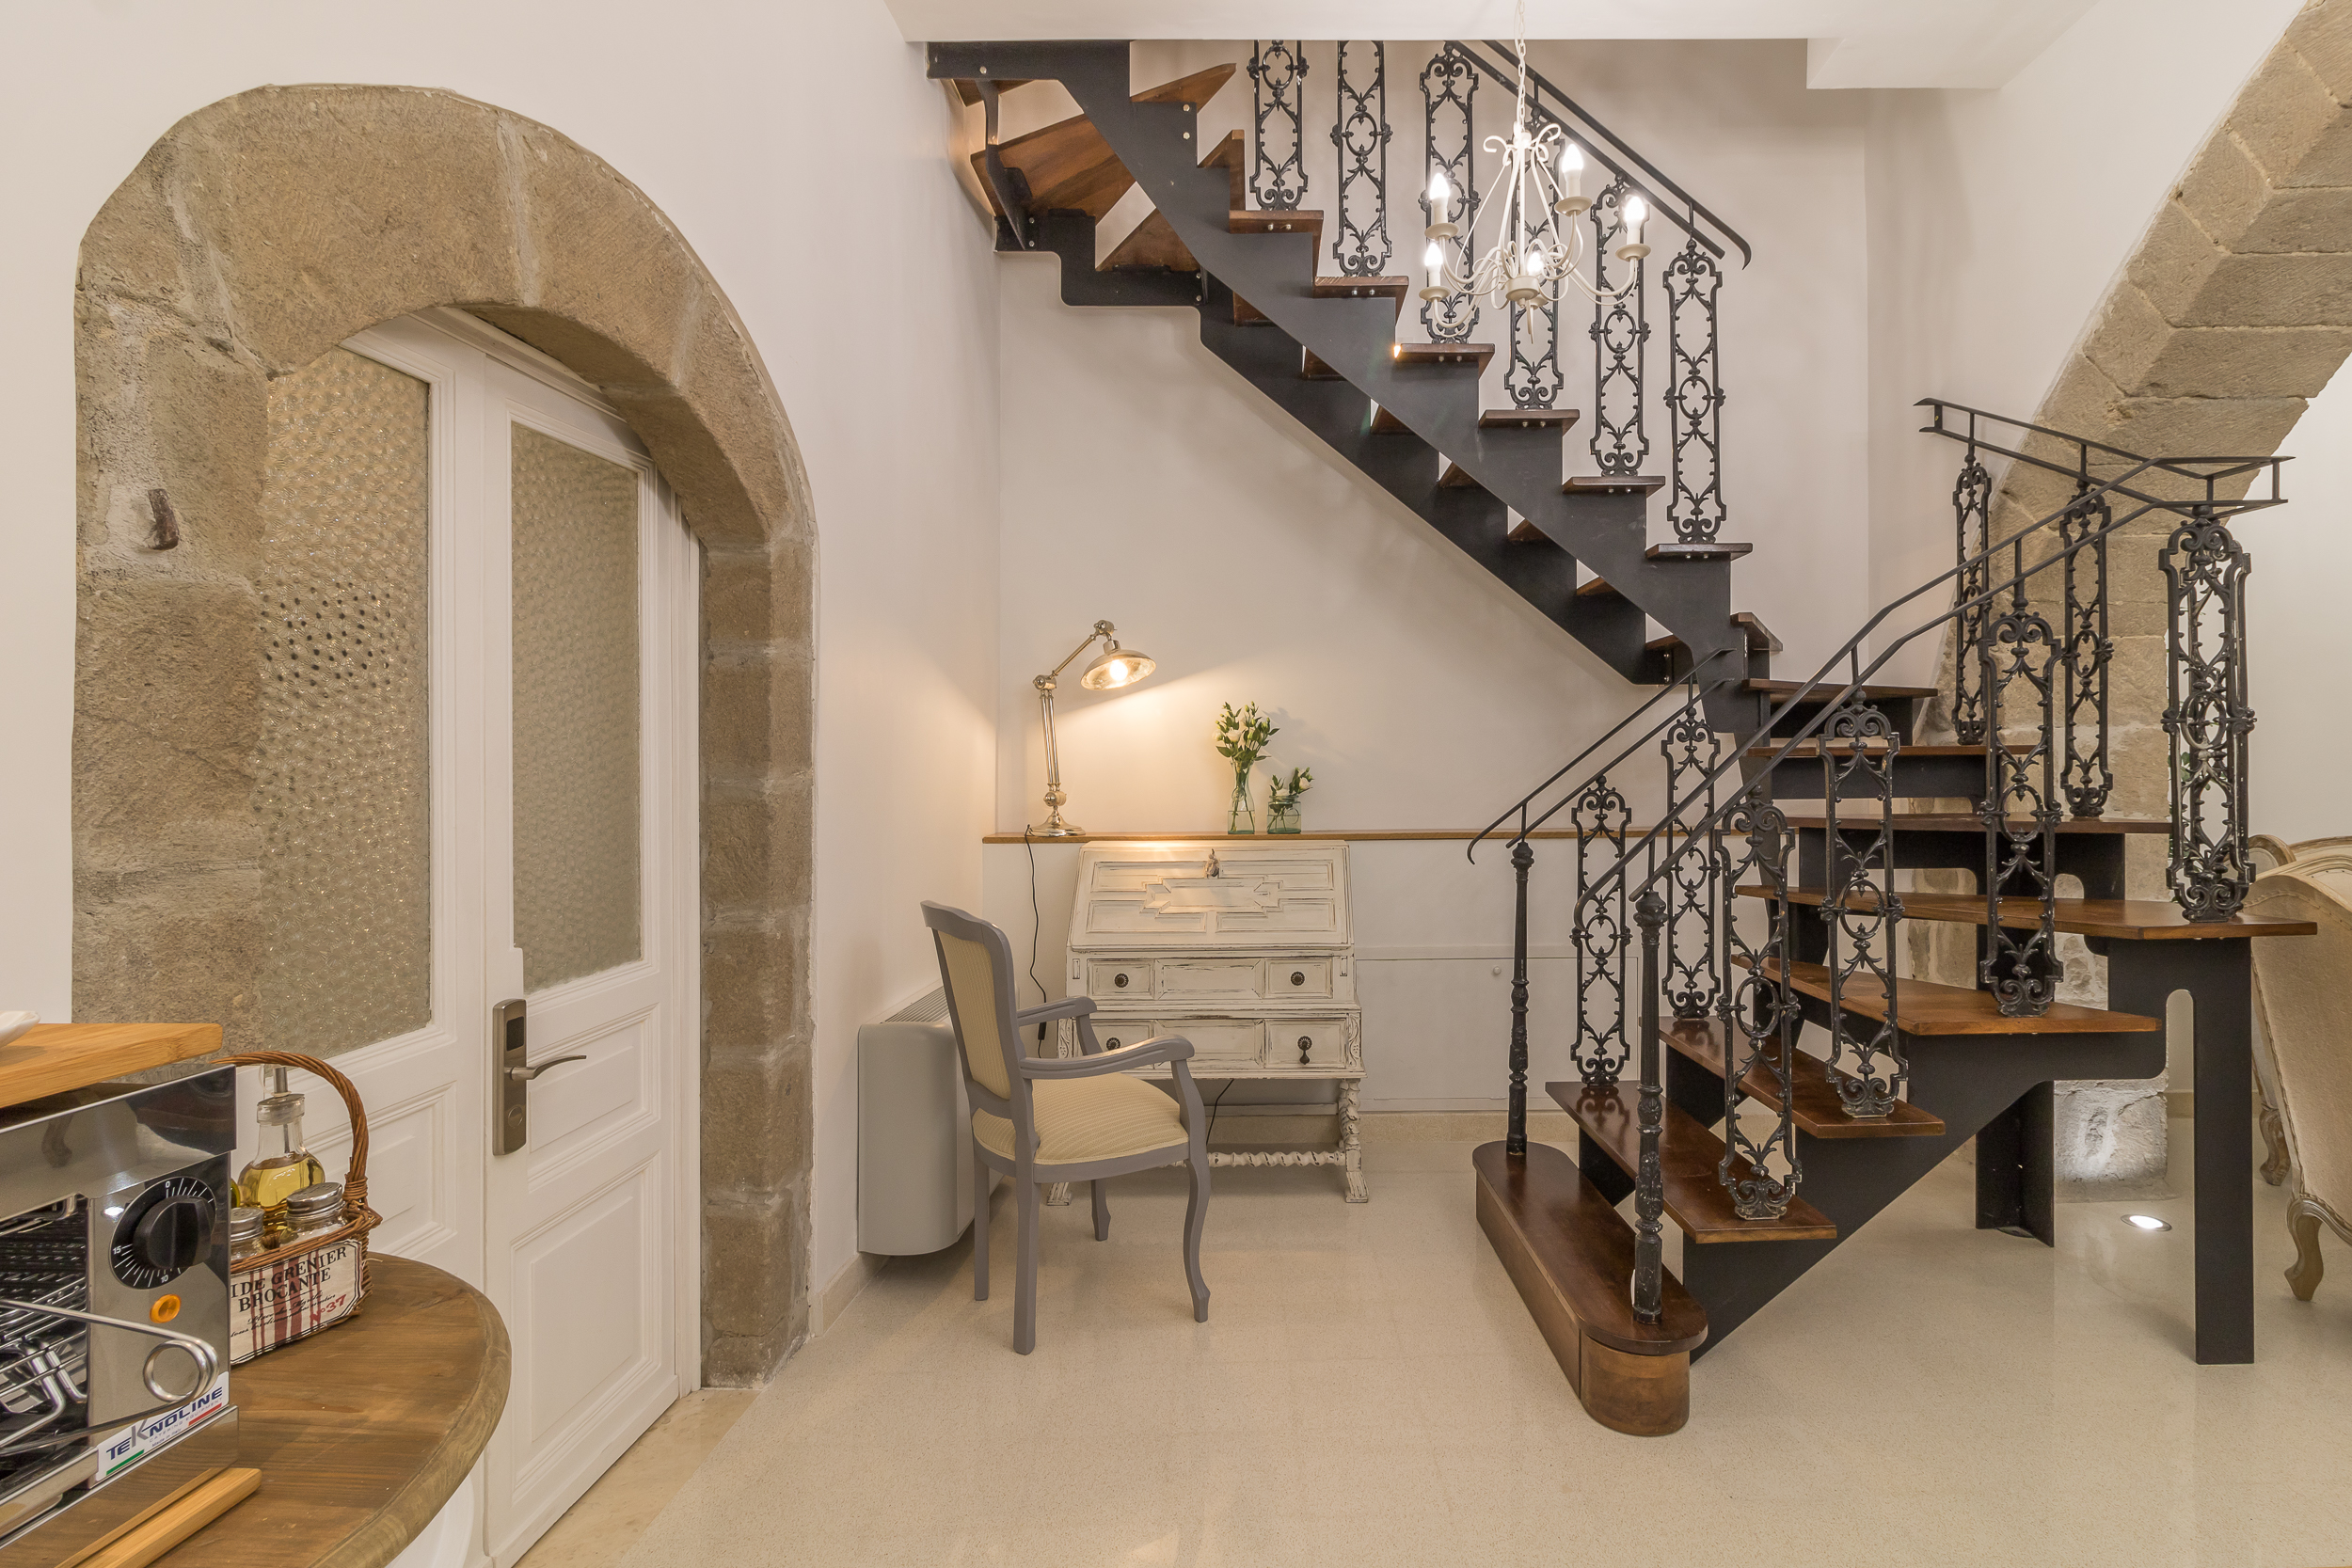 La Sala_02 - Il Conclave Guest House